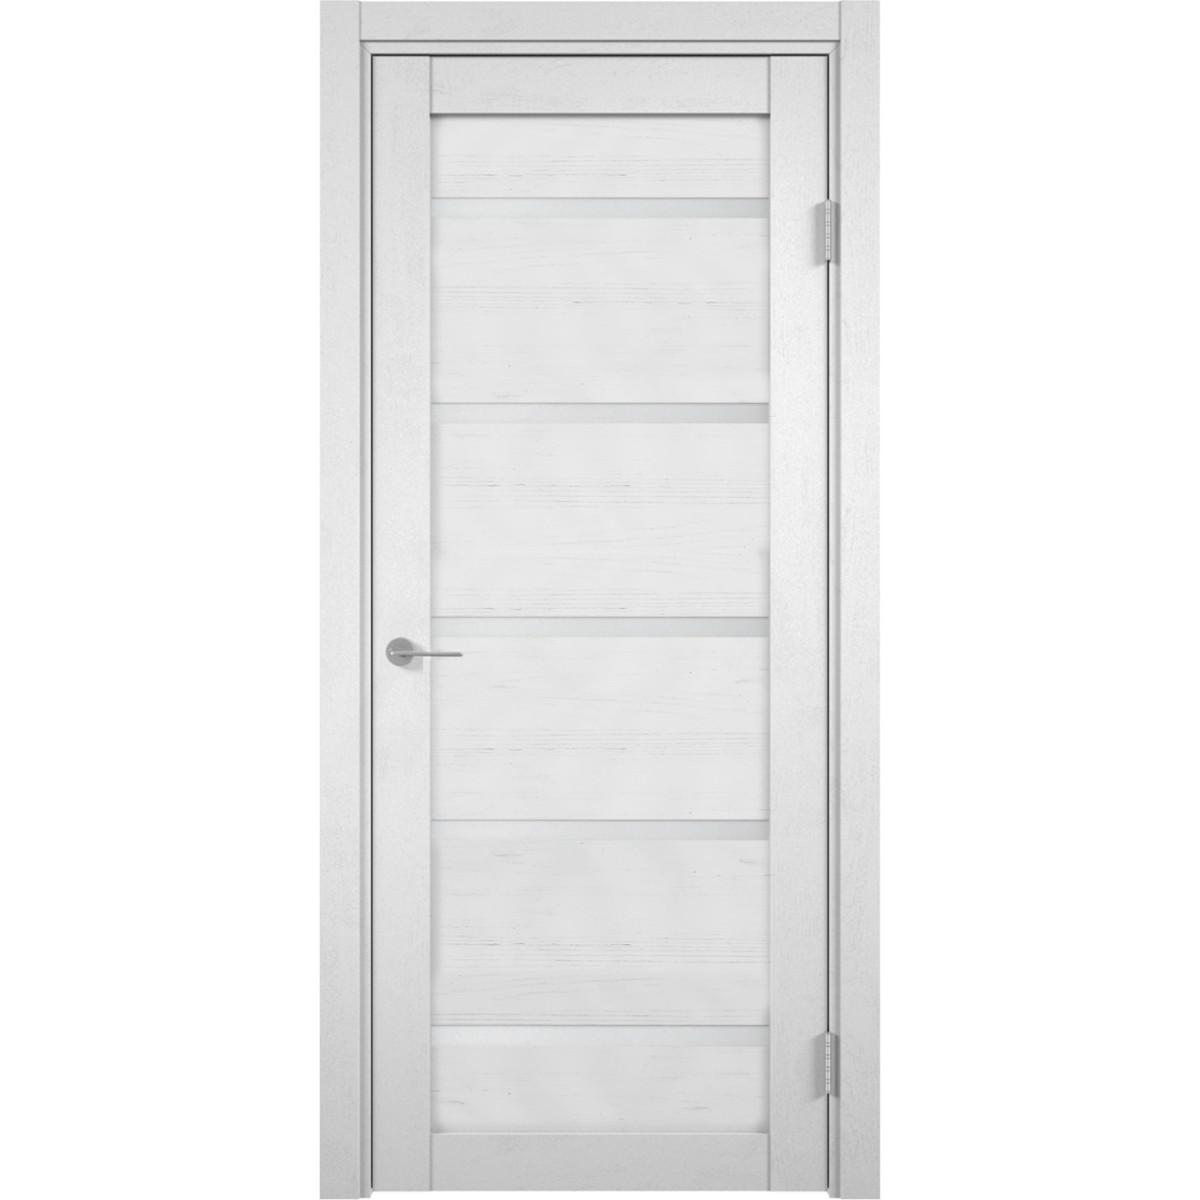 Дверь межкомнатная остекленная Бавария 70x200 см сосна андерсен